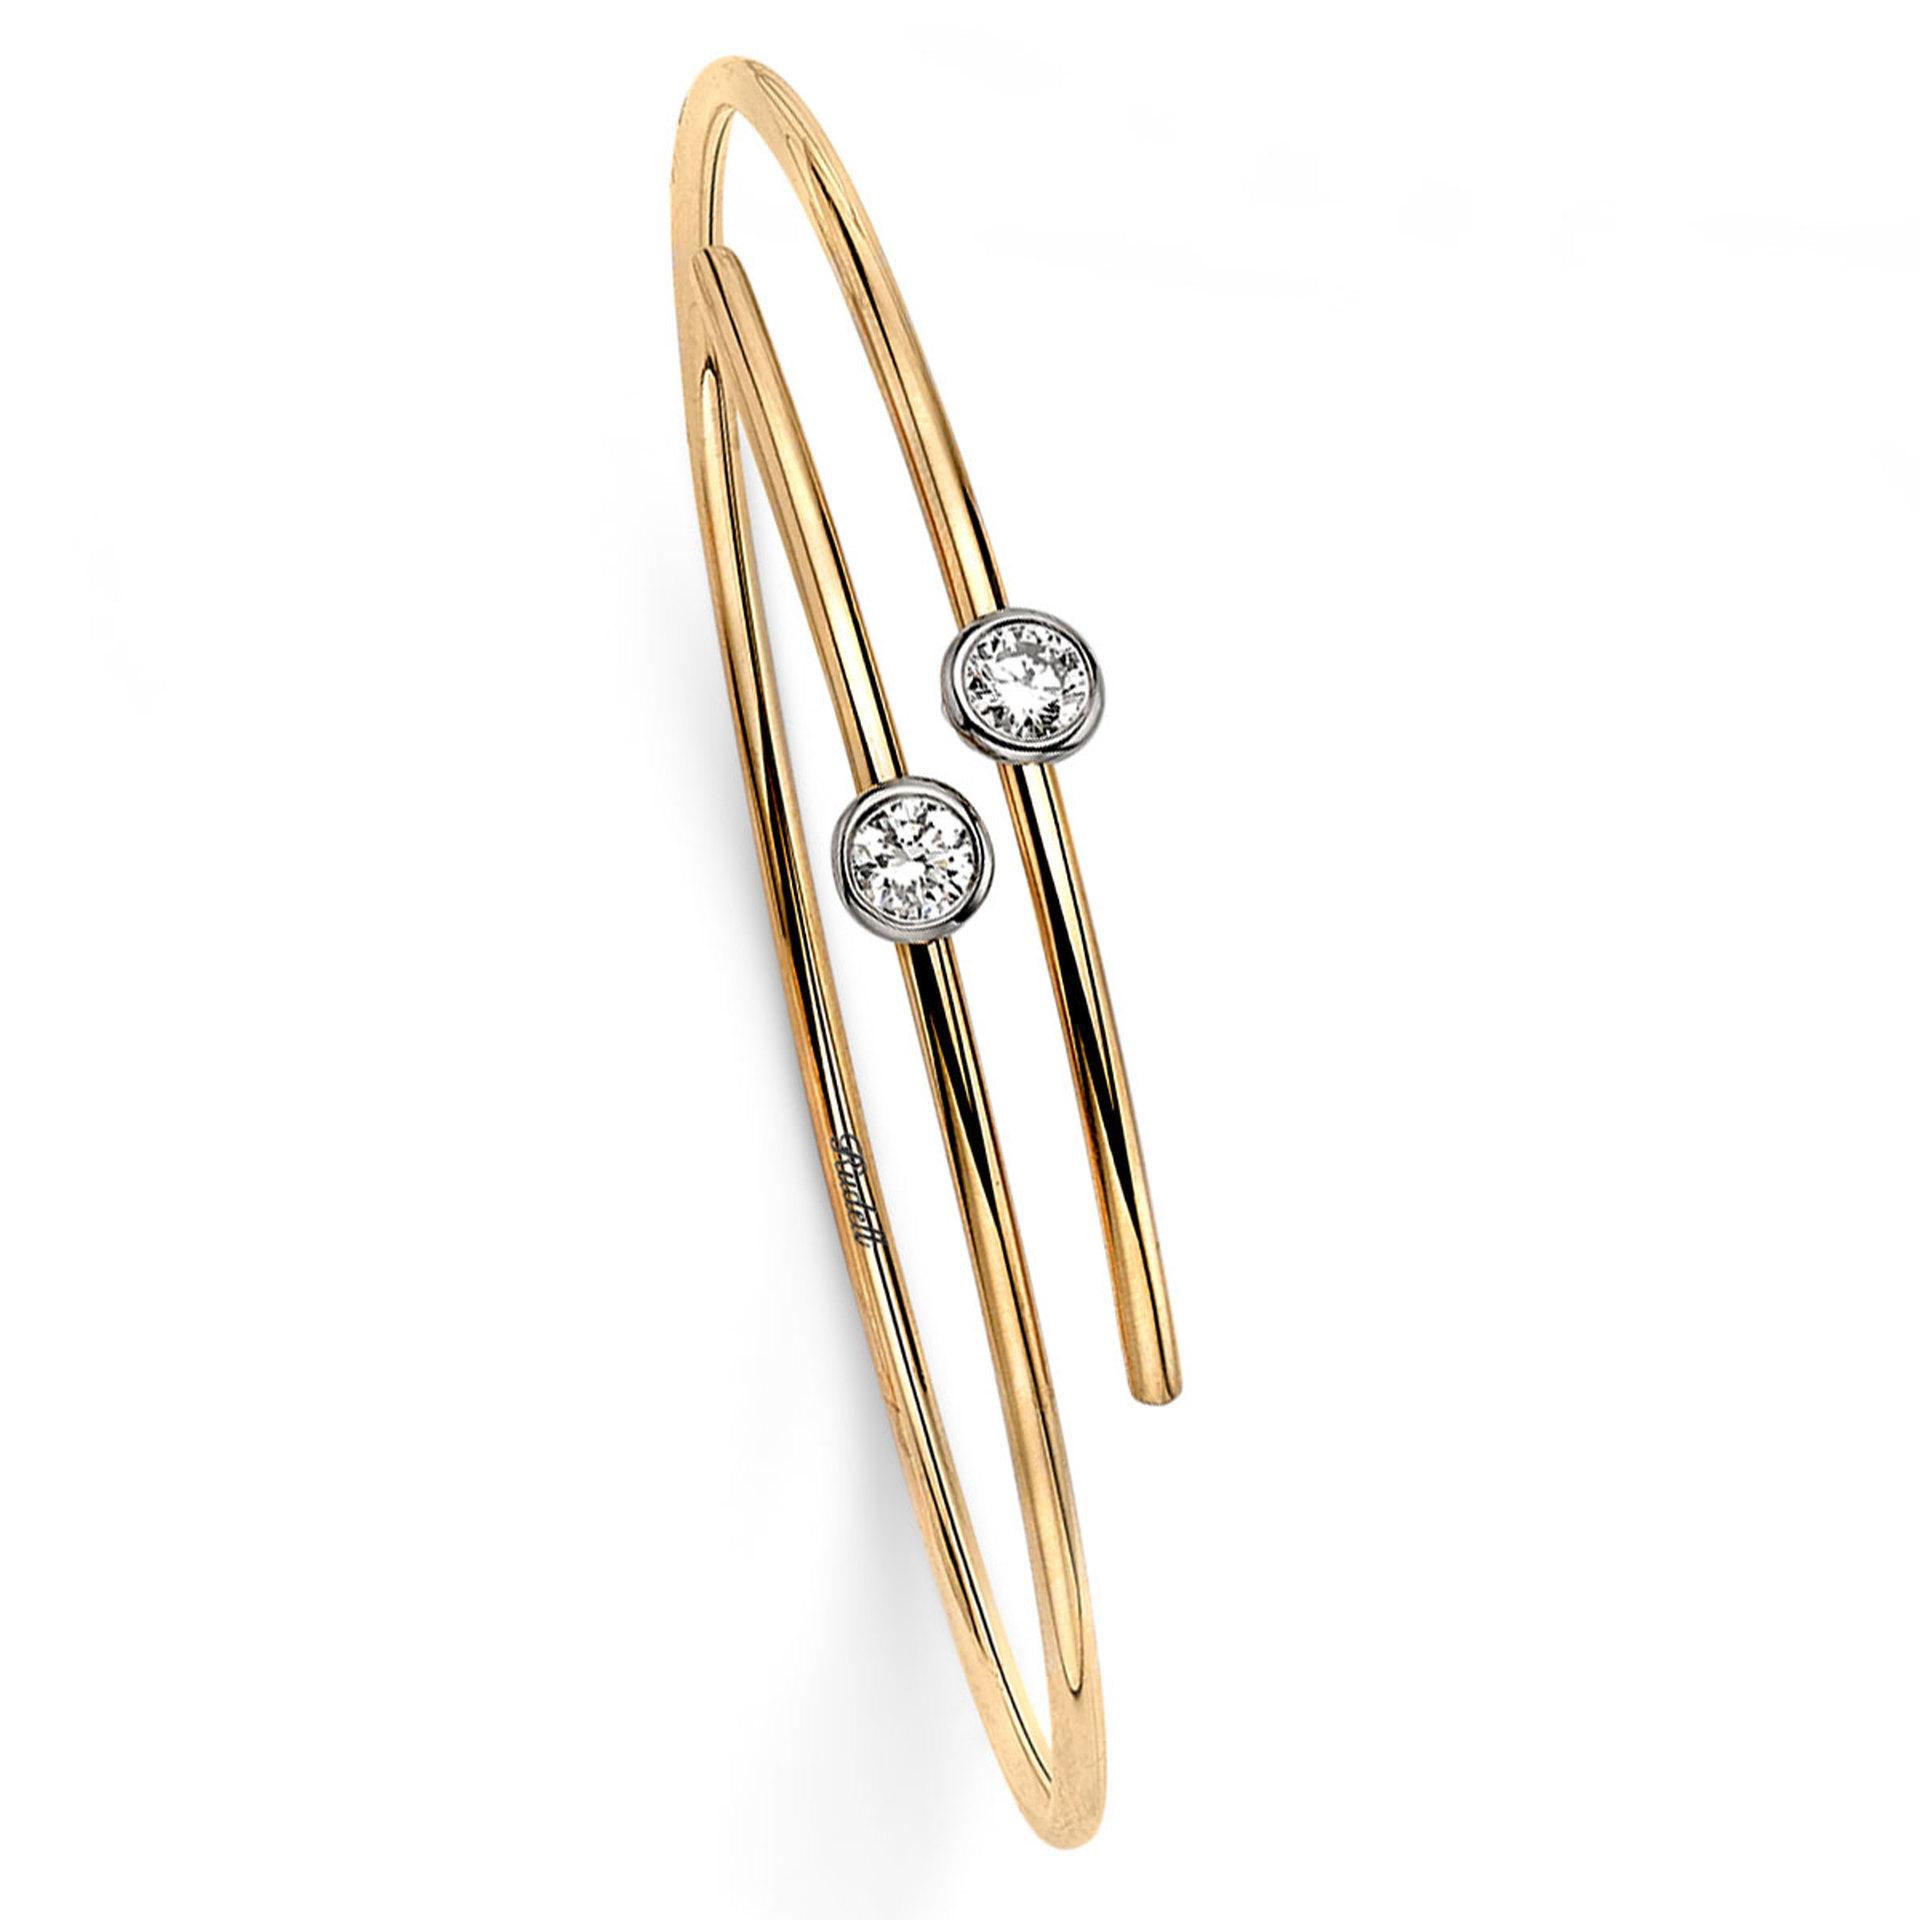 18ct Yellow Gold Diamond Set Modern Bangle